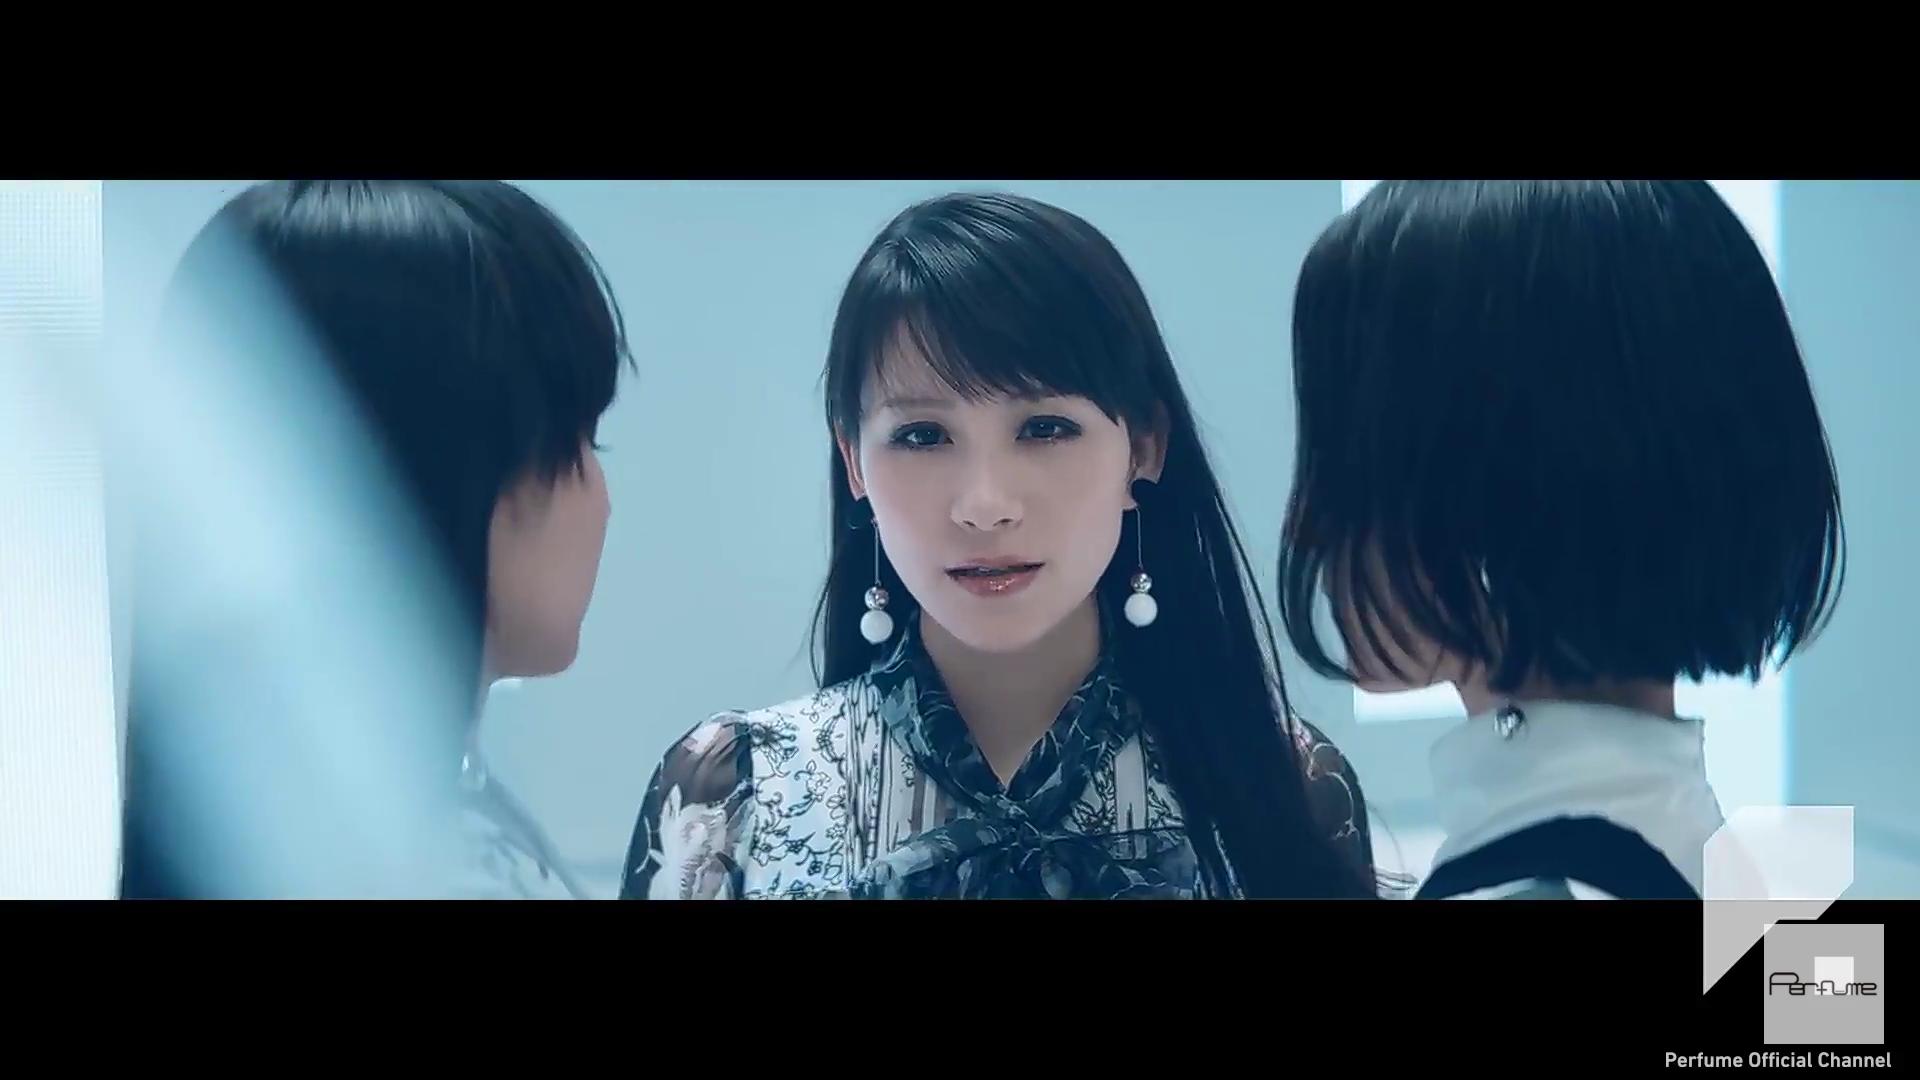 サバンナ高橋、Perfume西脇綾香と結婚視野 破局危機乗り越え